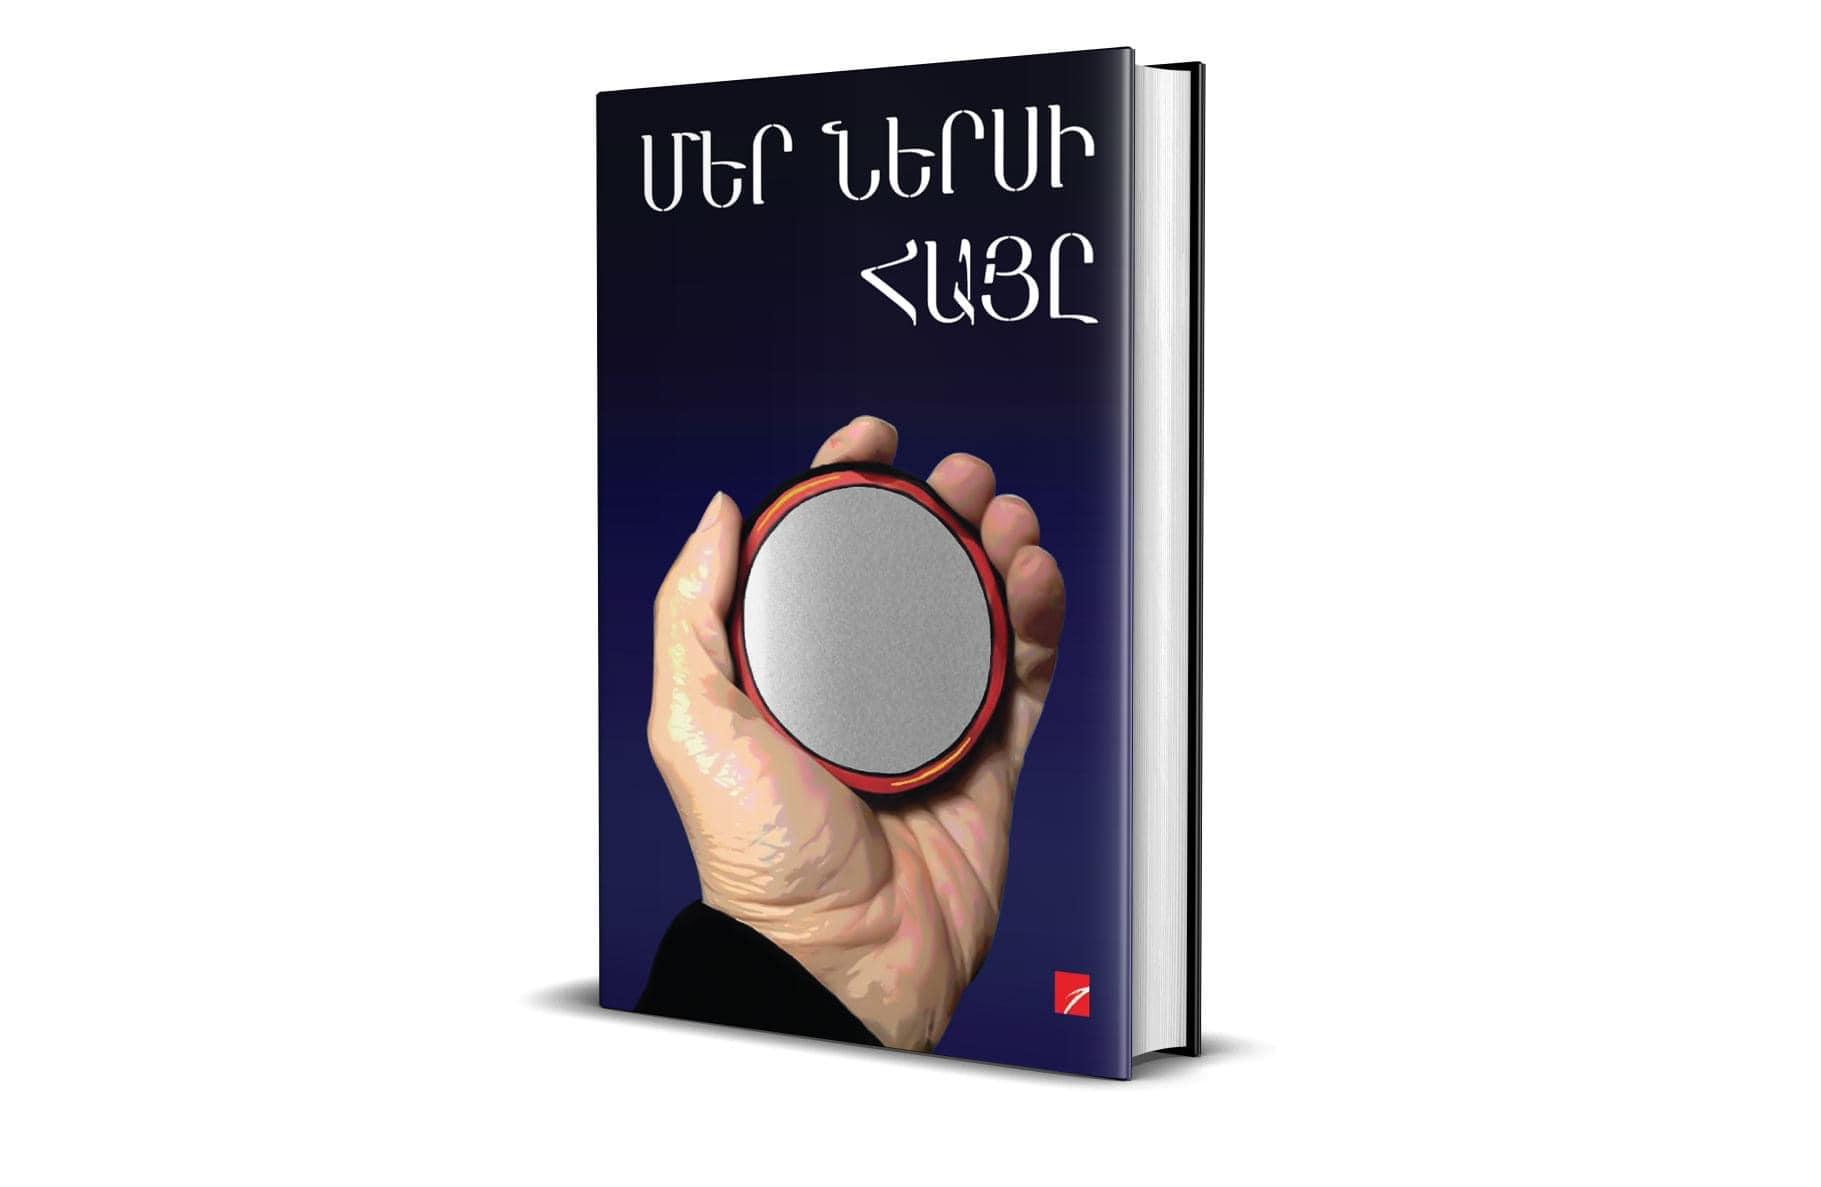 Photo of Հայաստանում լույս է տեսել Հրանտ Դինքի հիշատակին նվիրված ժողովածուն